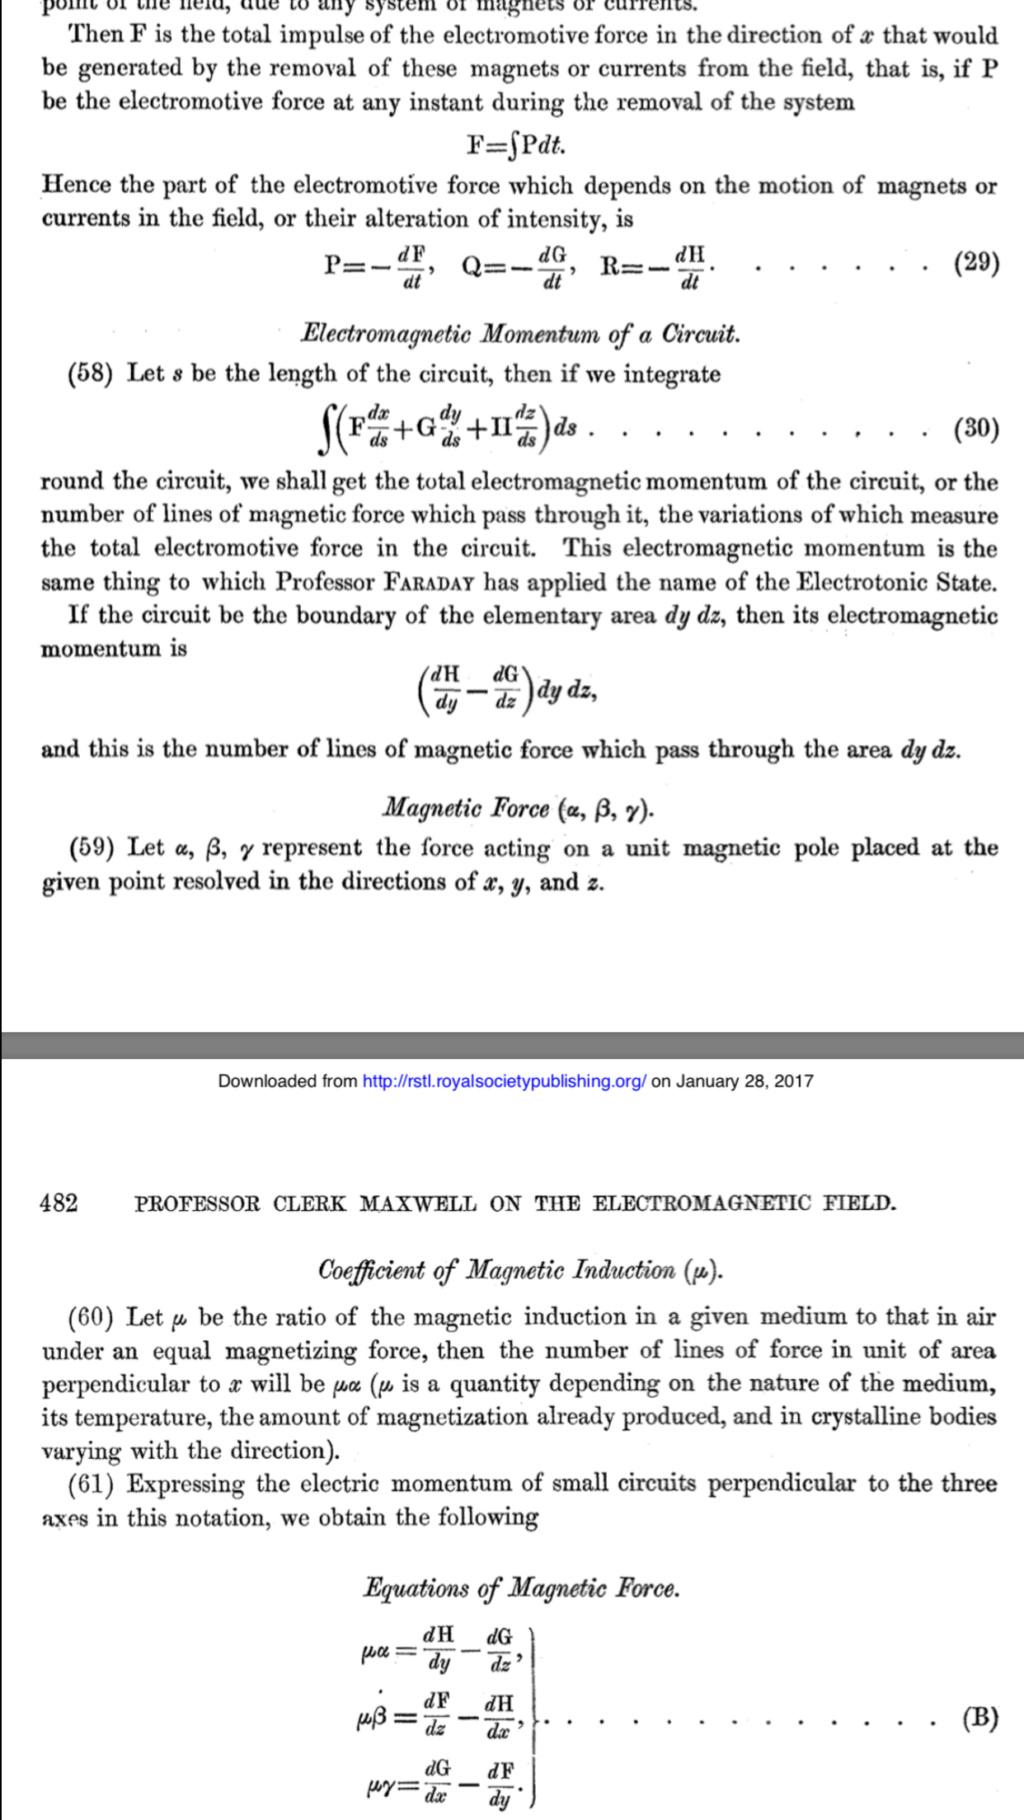 Maxwell - Despre ecuaţiile lui Maxwell - Pagina 11 4461df10